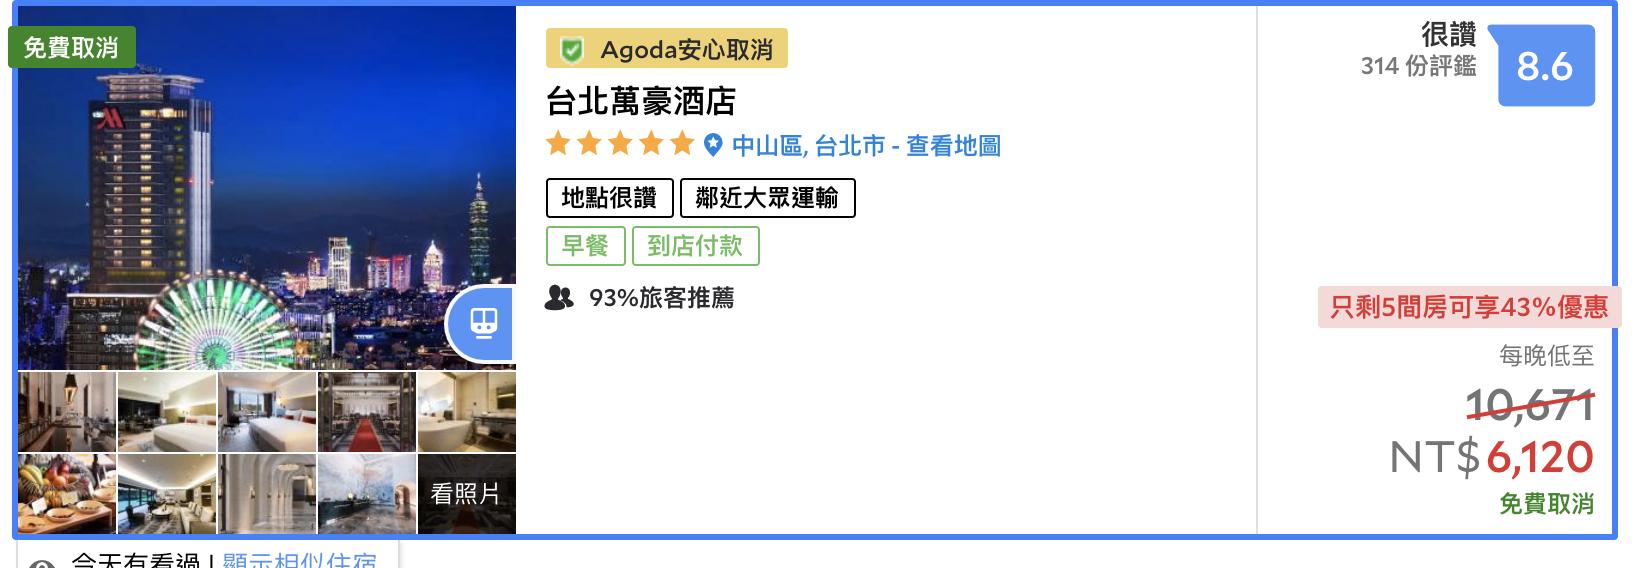 台北万豪酒店,4K入住、免费早餐与全天小点、晚间轻食、HH、可SNP~平日限定